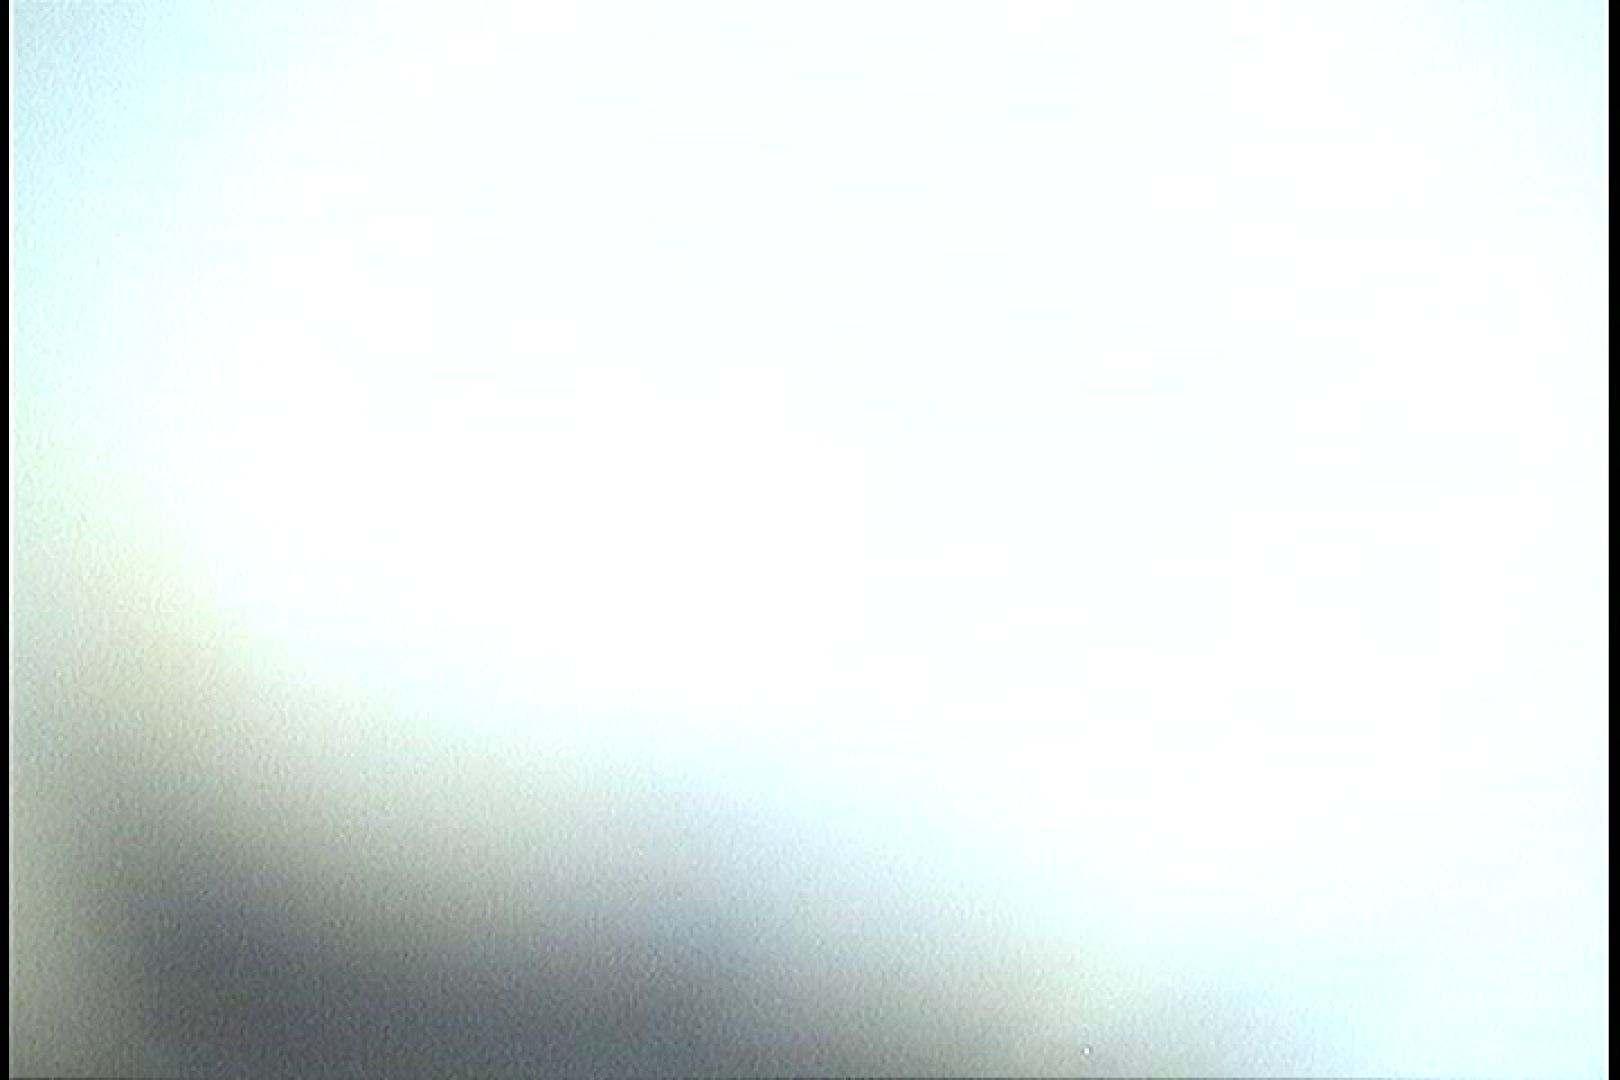 無修正エロ動画:No.52 シャワーを浴びてポッチリ乳首が立ってます!!:怪盗ジョーカー